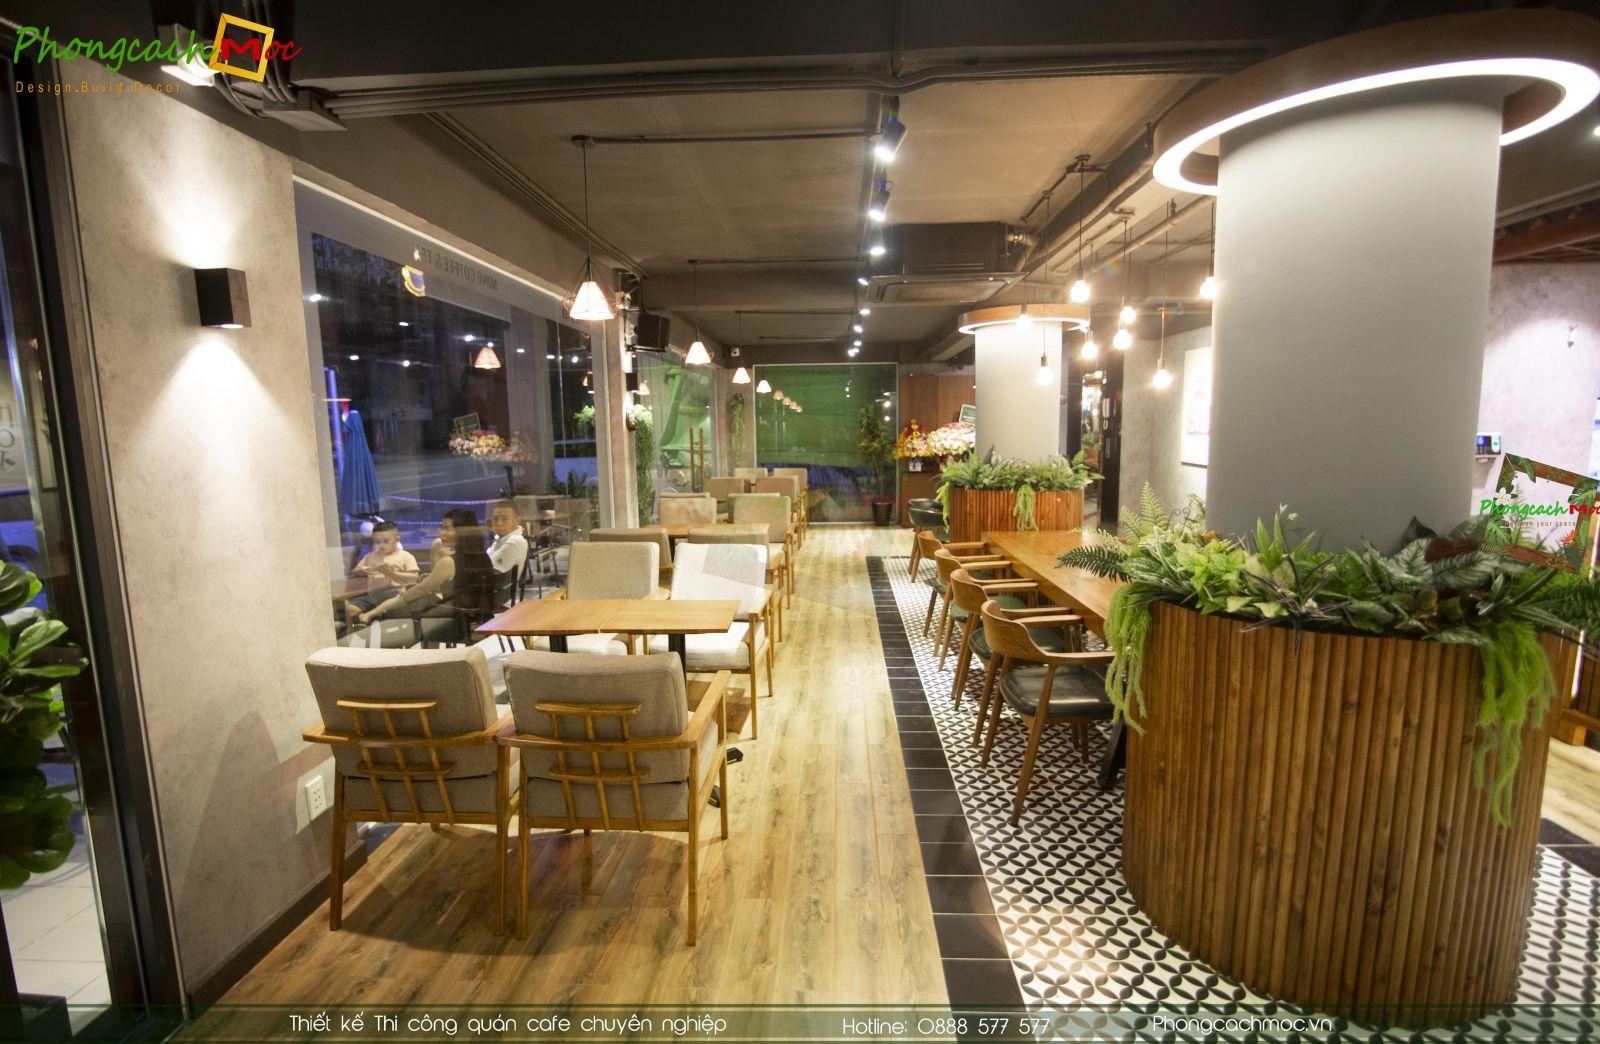 thiet-ke-thi-cong-quan-cafe-mong-coffee-binh-duong16-min